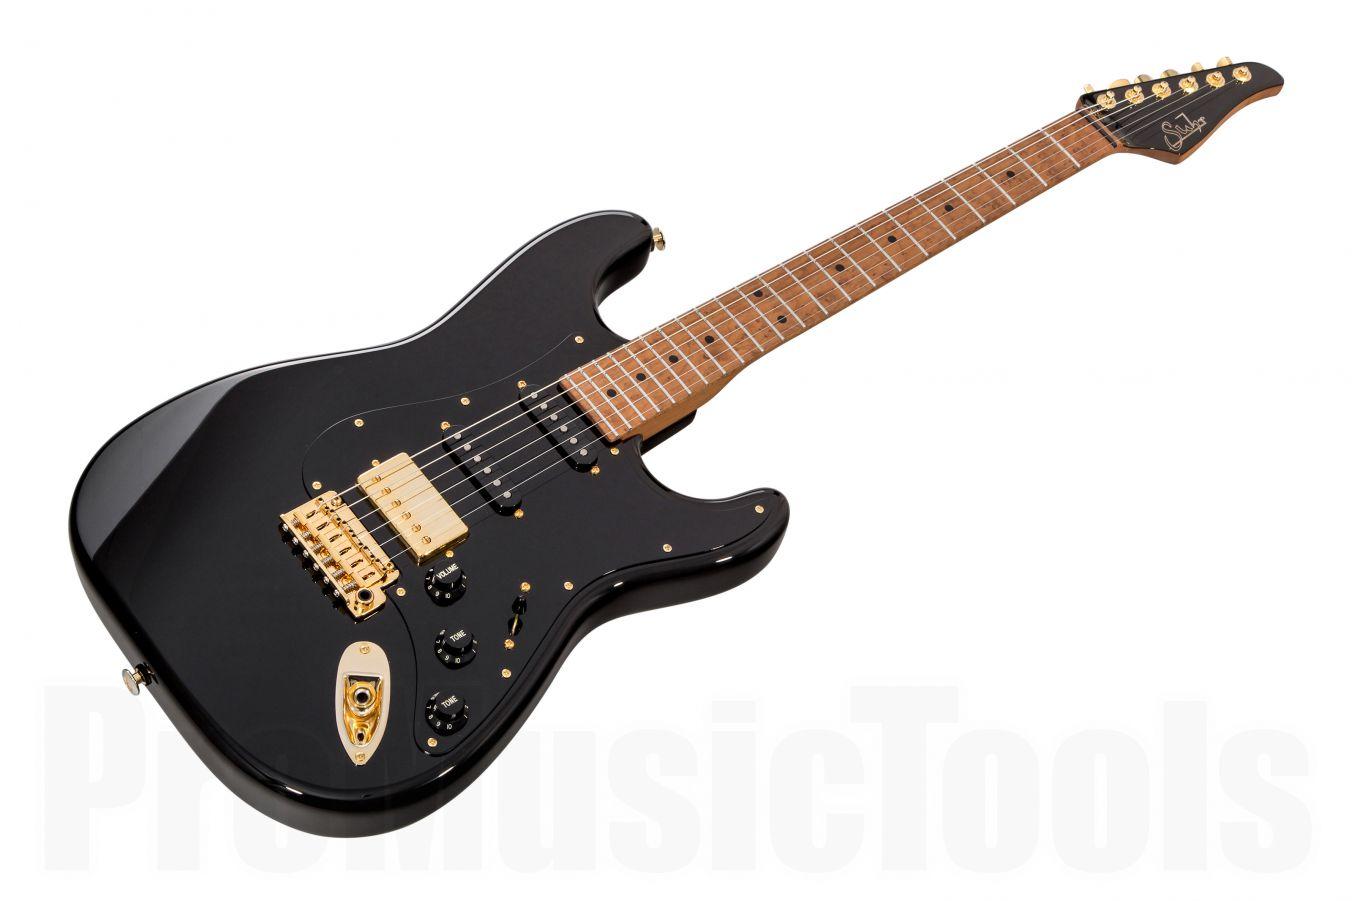 Suhr Mateus Asato Signature Classic Pro BK - Black